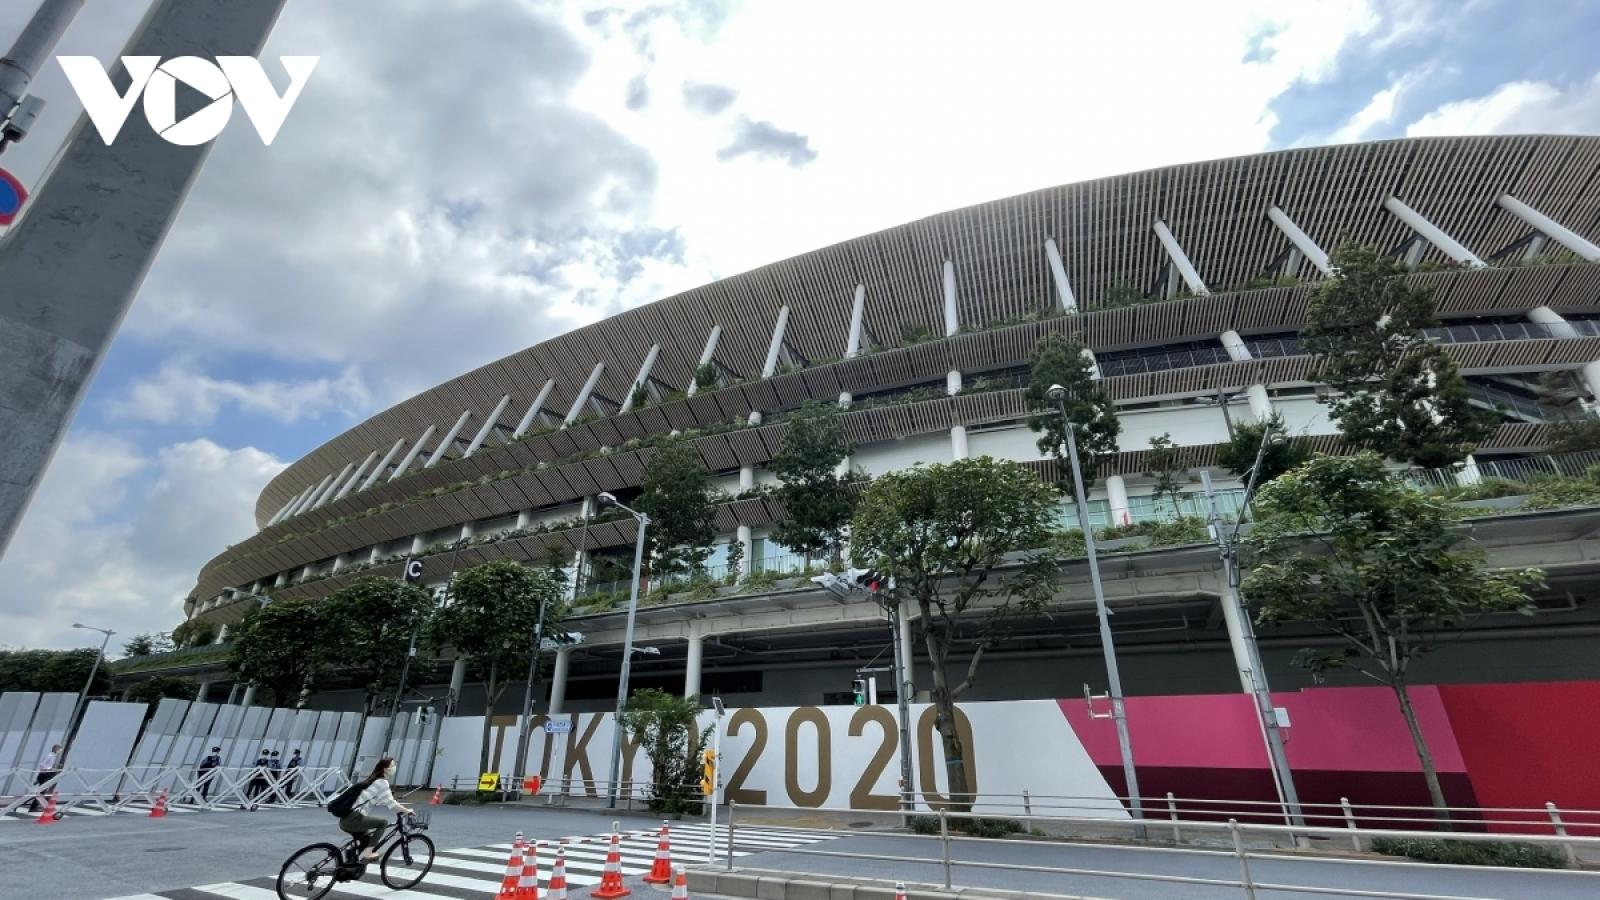 Olympic Tokyo 2020 - một kỳ thế vận hội đặc biệt